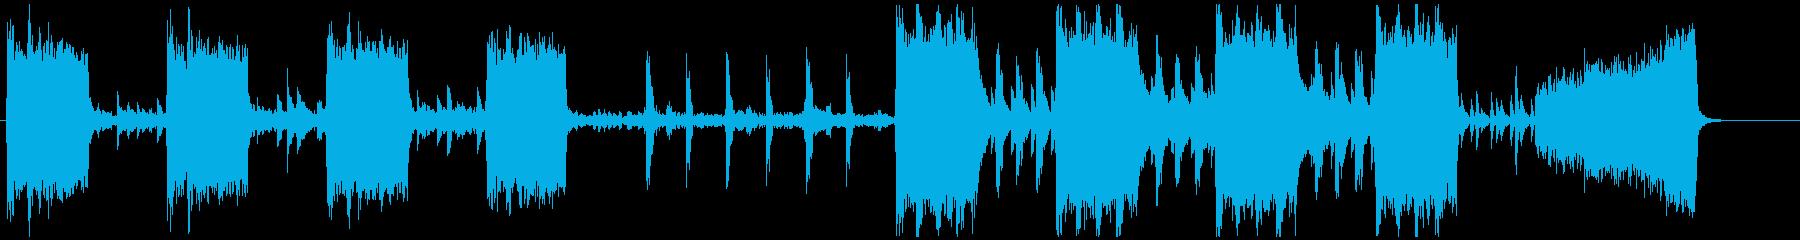 暴力的なチェロ ダークなエレクトロの再生済みの波形